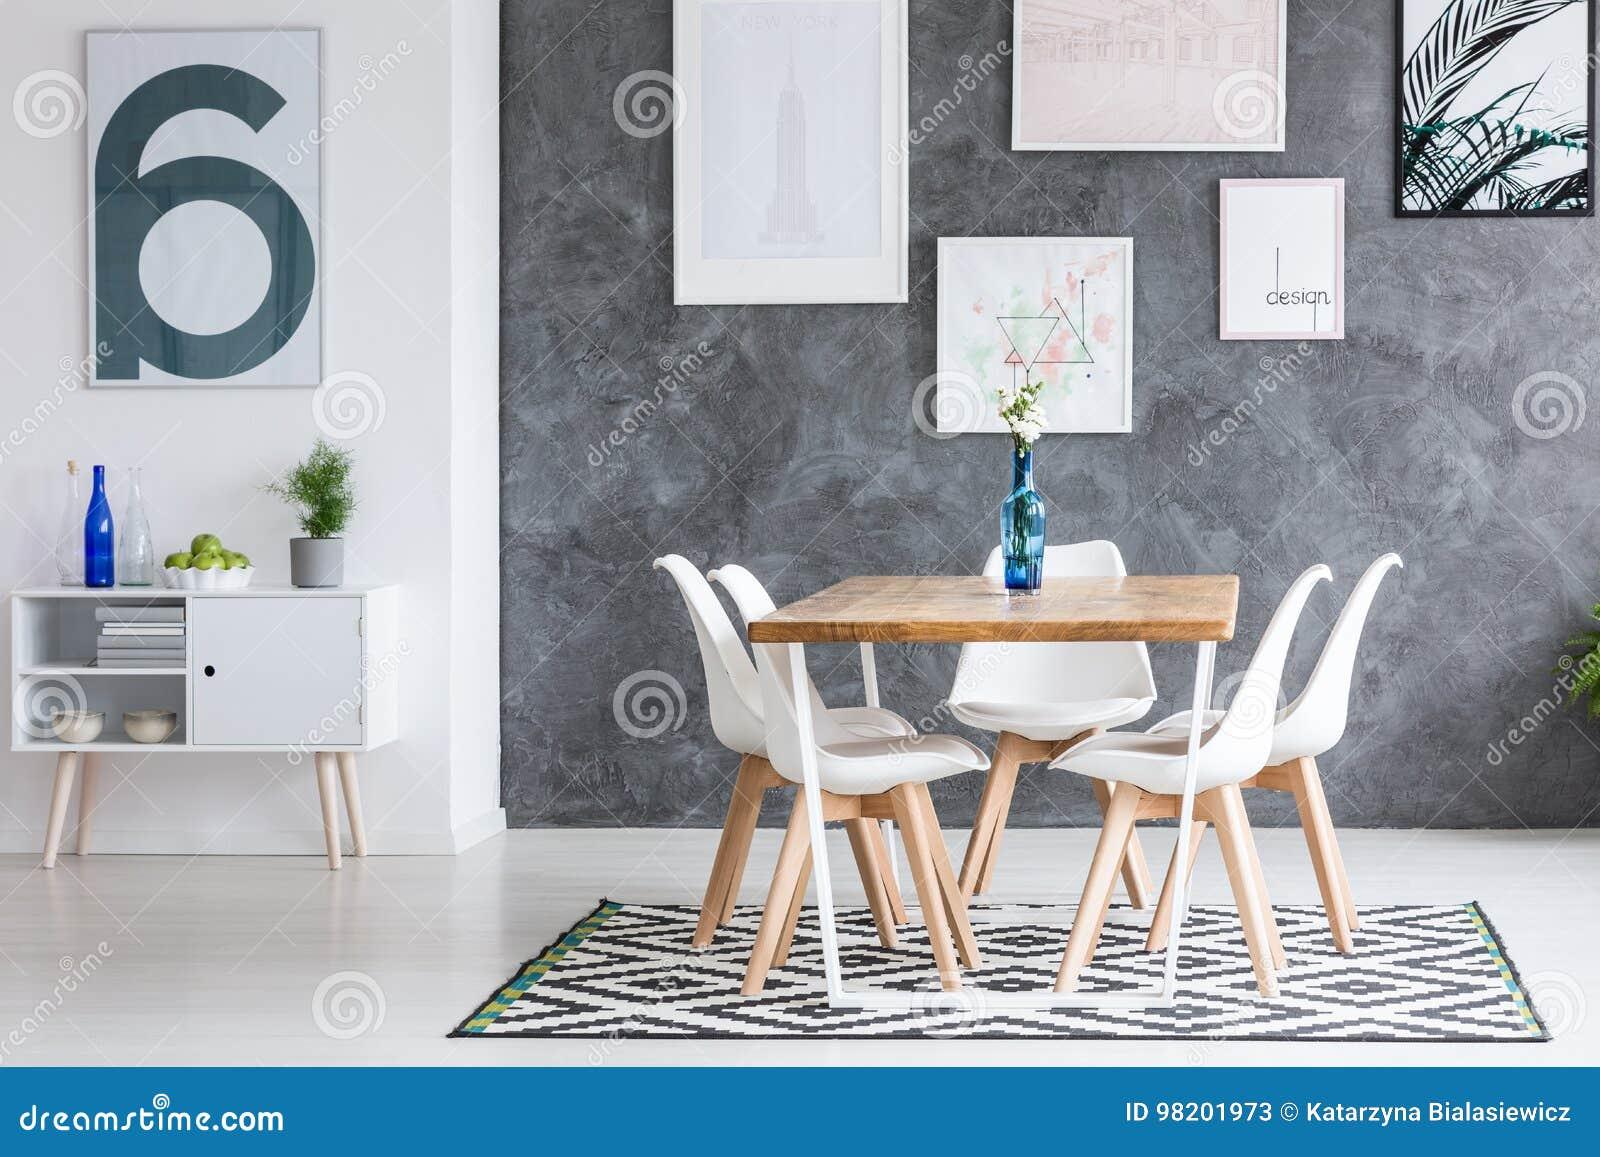 Kopierter Teppich In Esszimmer Stockbild Bild Von Klassisch